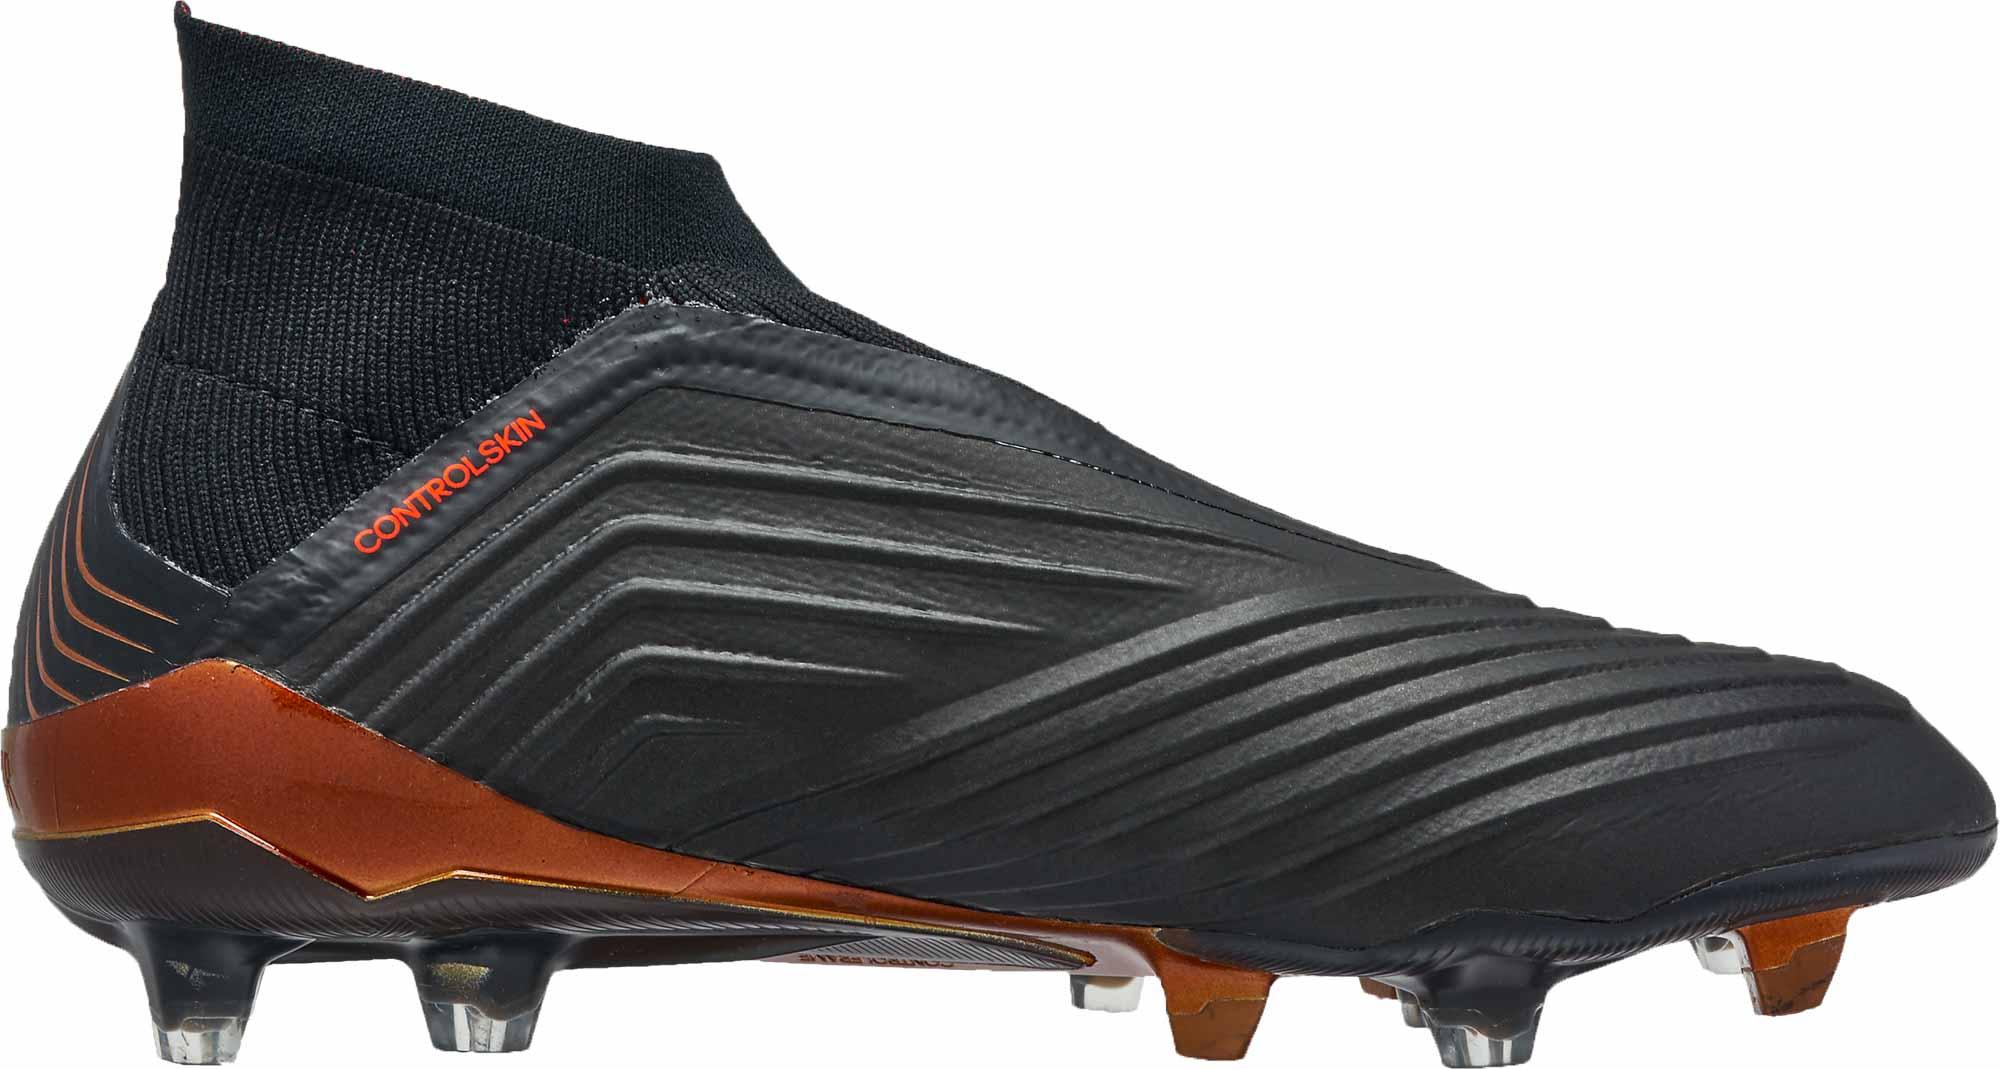 994cc7161550 adidas Predator 18 FG - Black adidas Predators